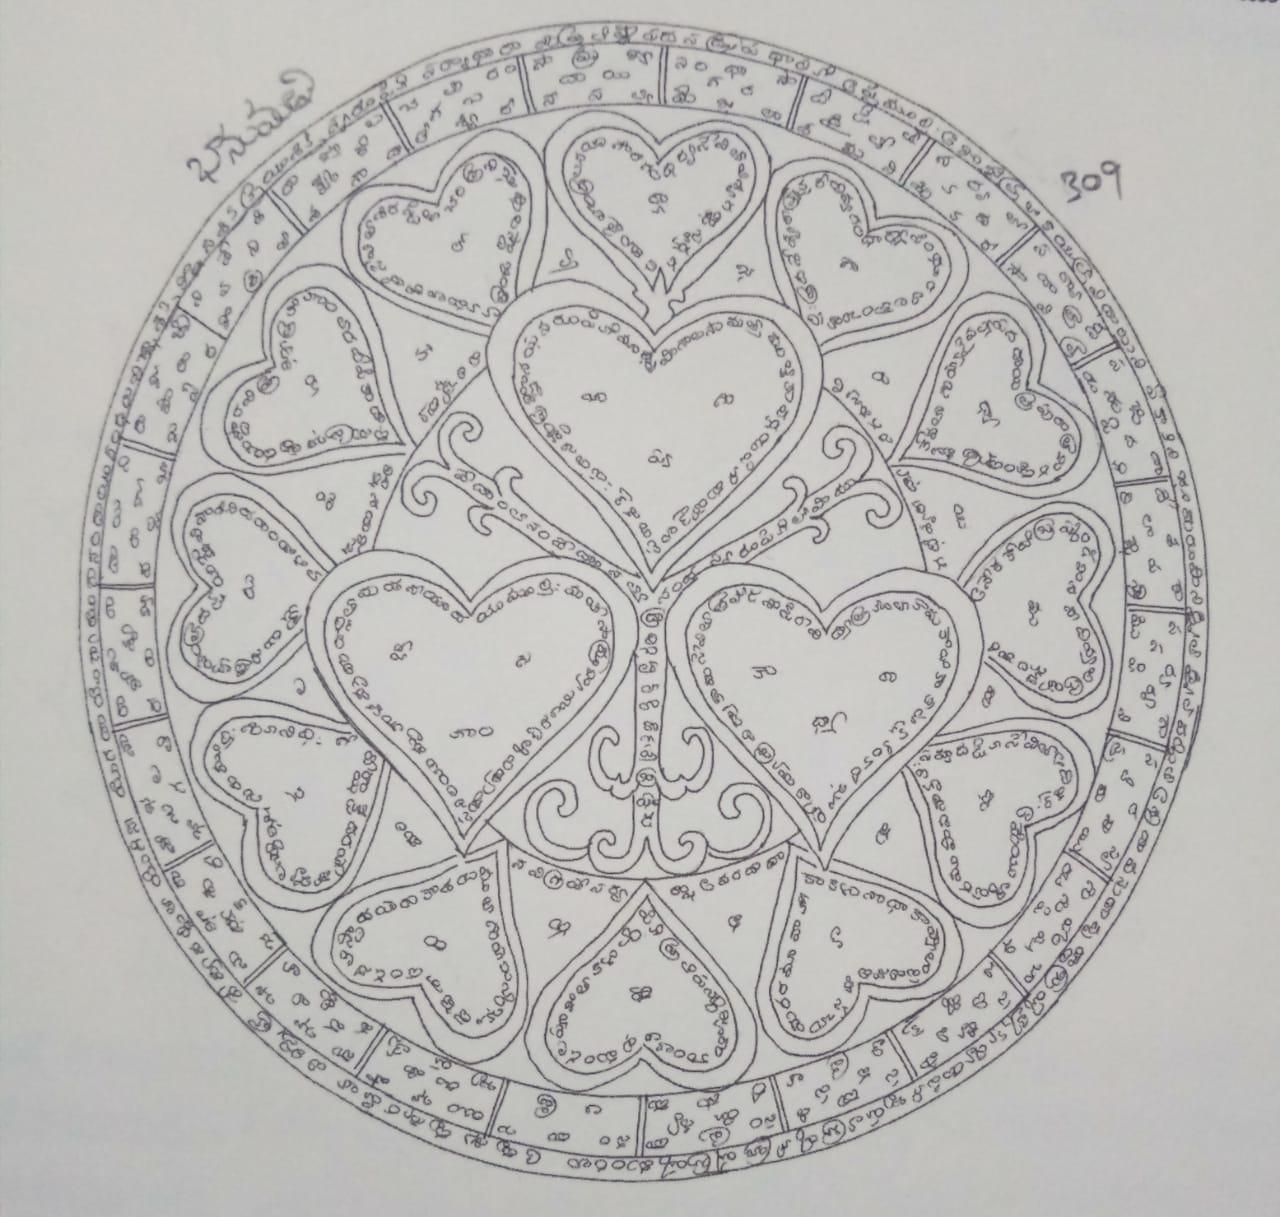 రంజనీ యంత్రము